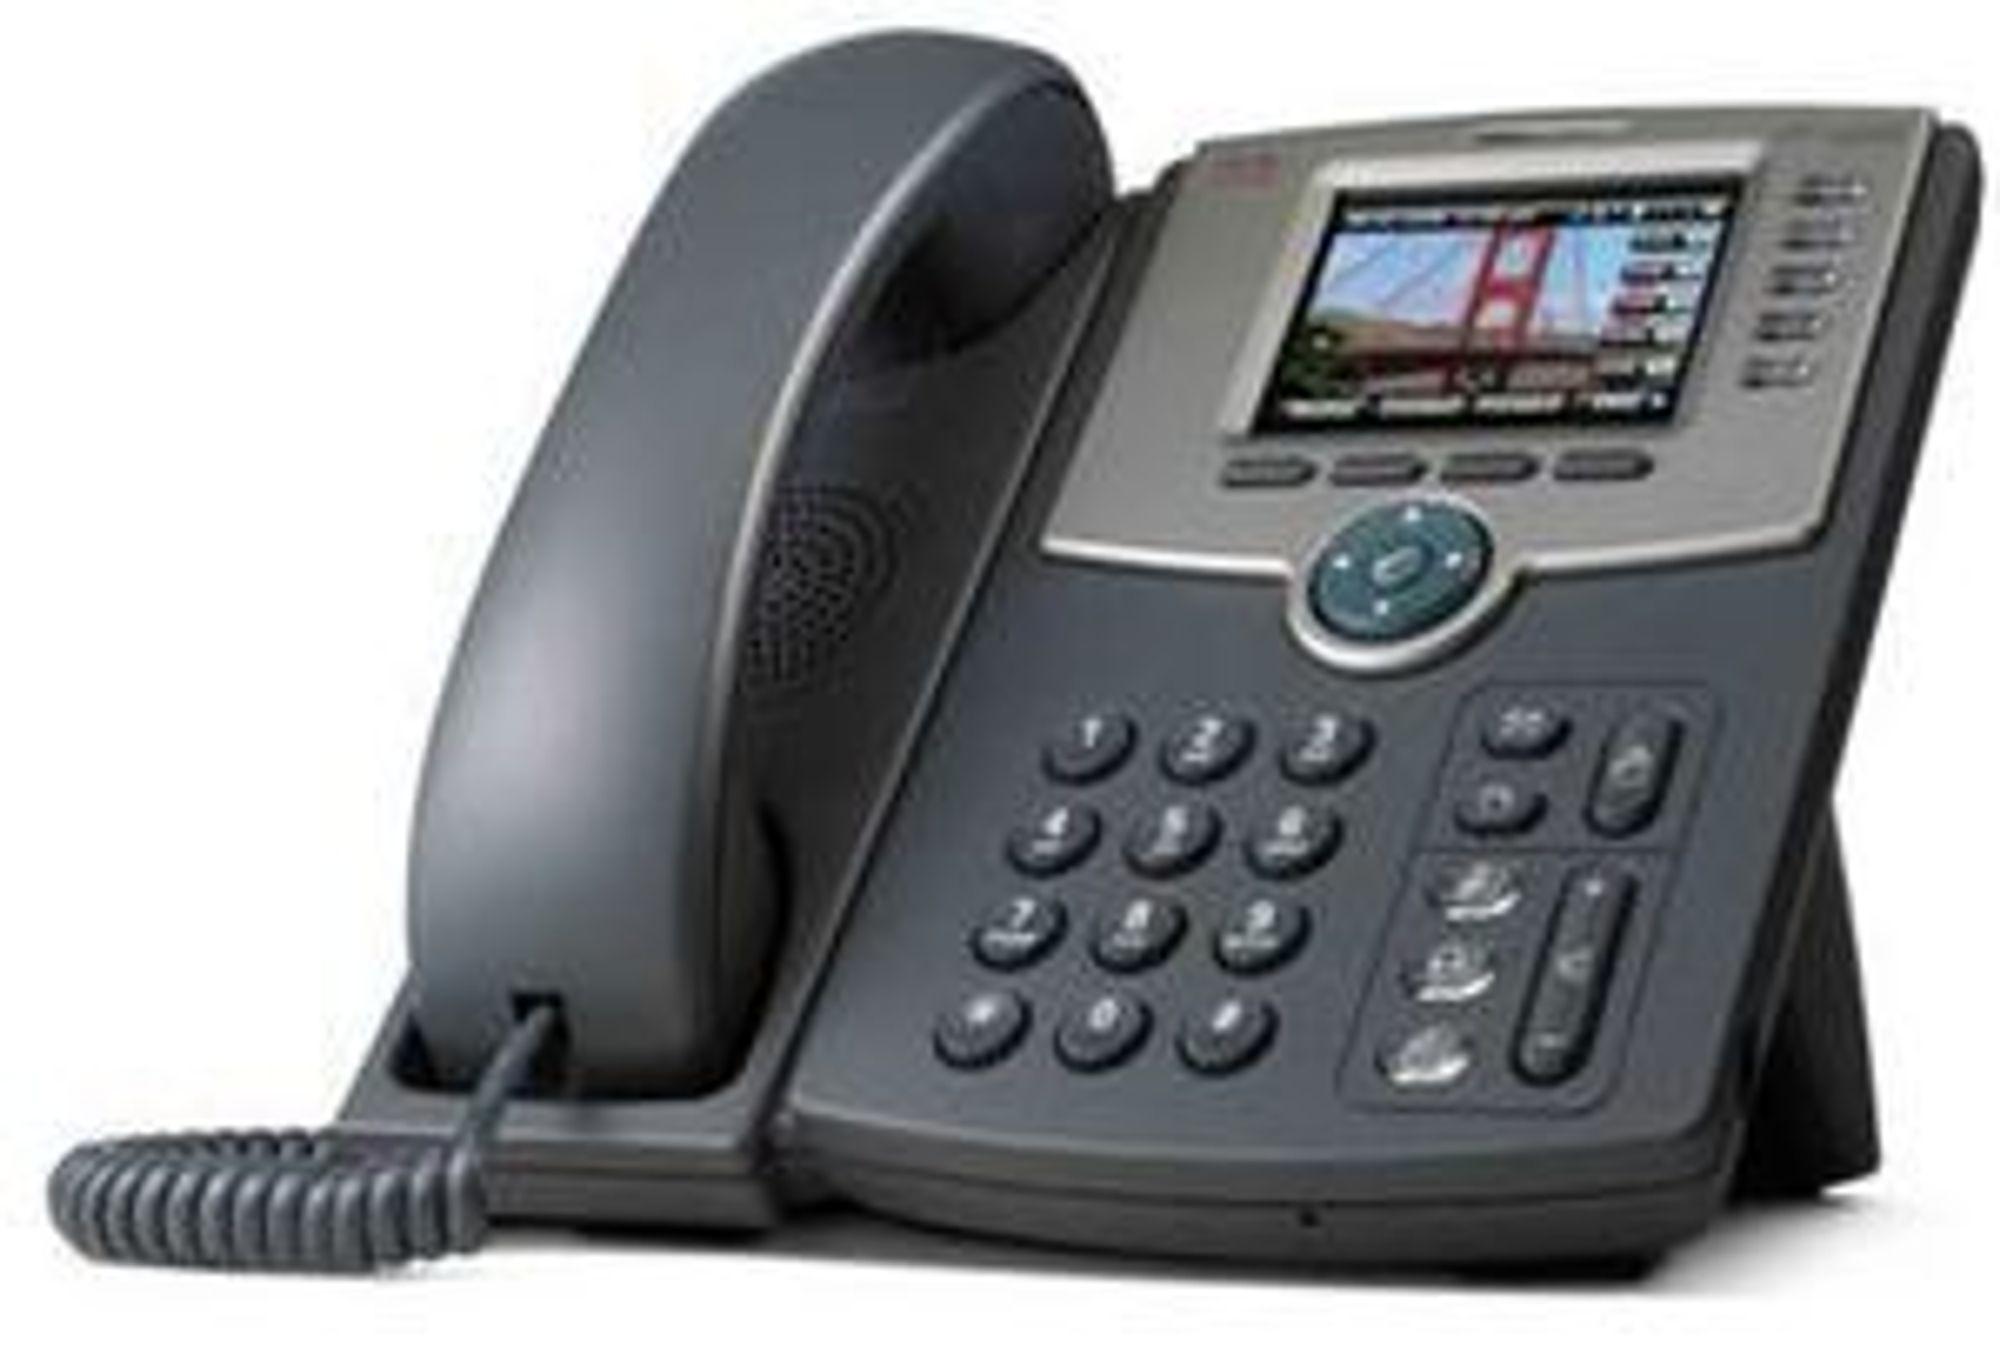 Ciscos IP-telefon SPA525G har både nyttige og underholdende funksjoner.